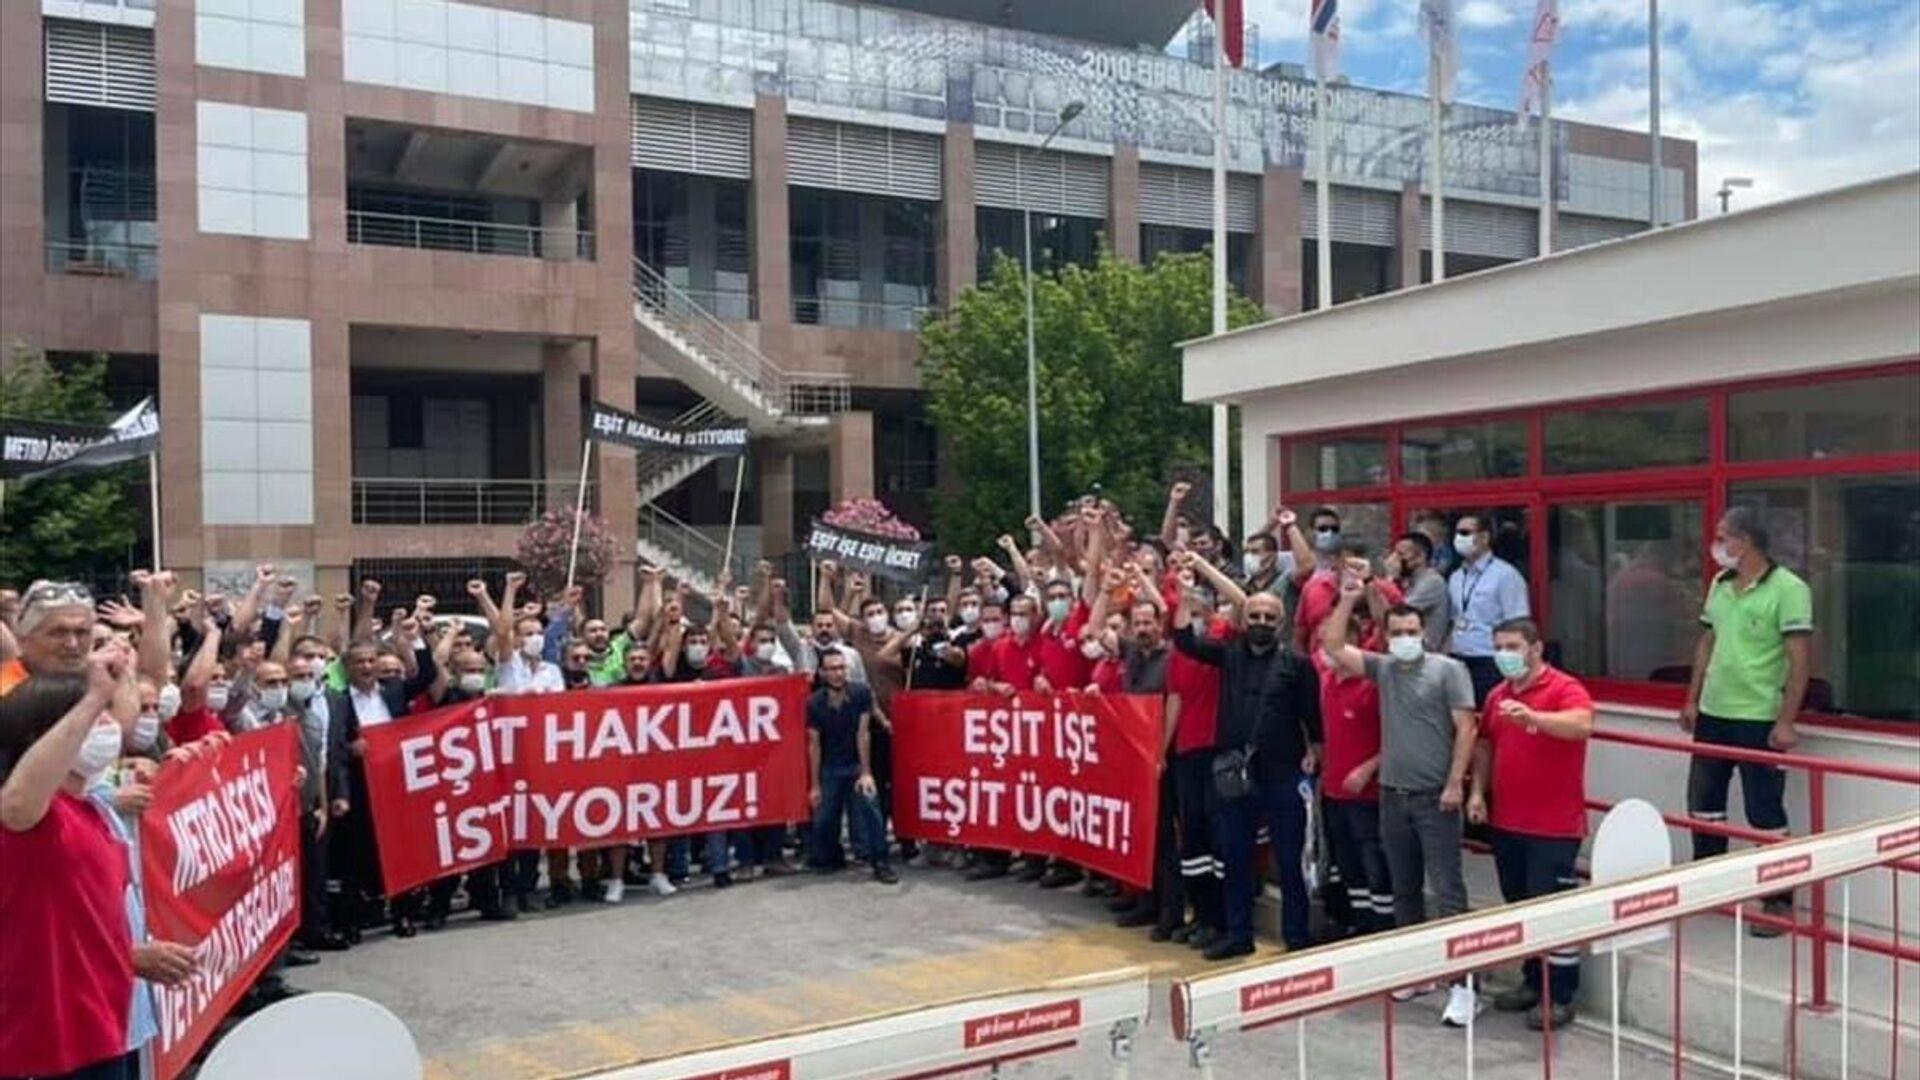 İzmir`de metro ve tramvay çalışanları TİS görüşmelerini sakal bırakma ve sivil kıyafet eylemi - Sputnik Türkiye, 1920, 27.08.2021